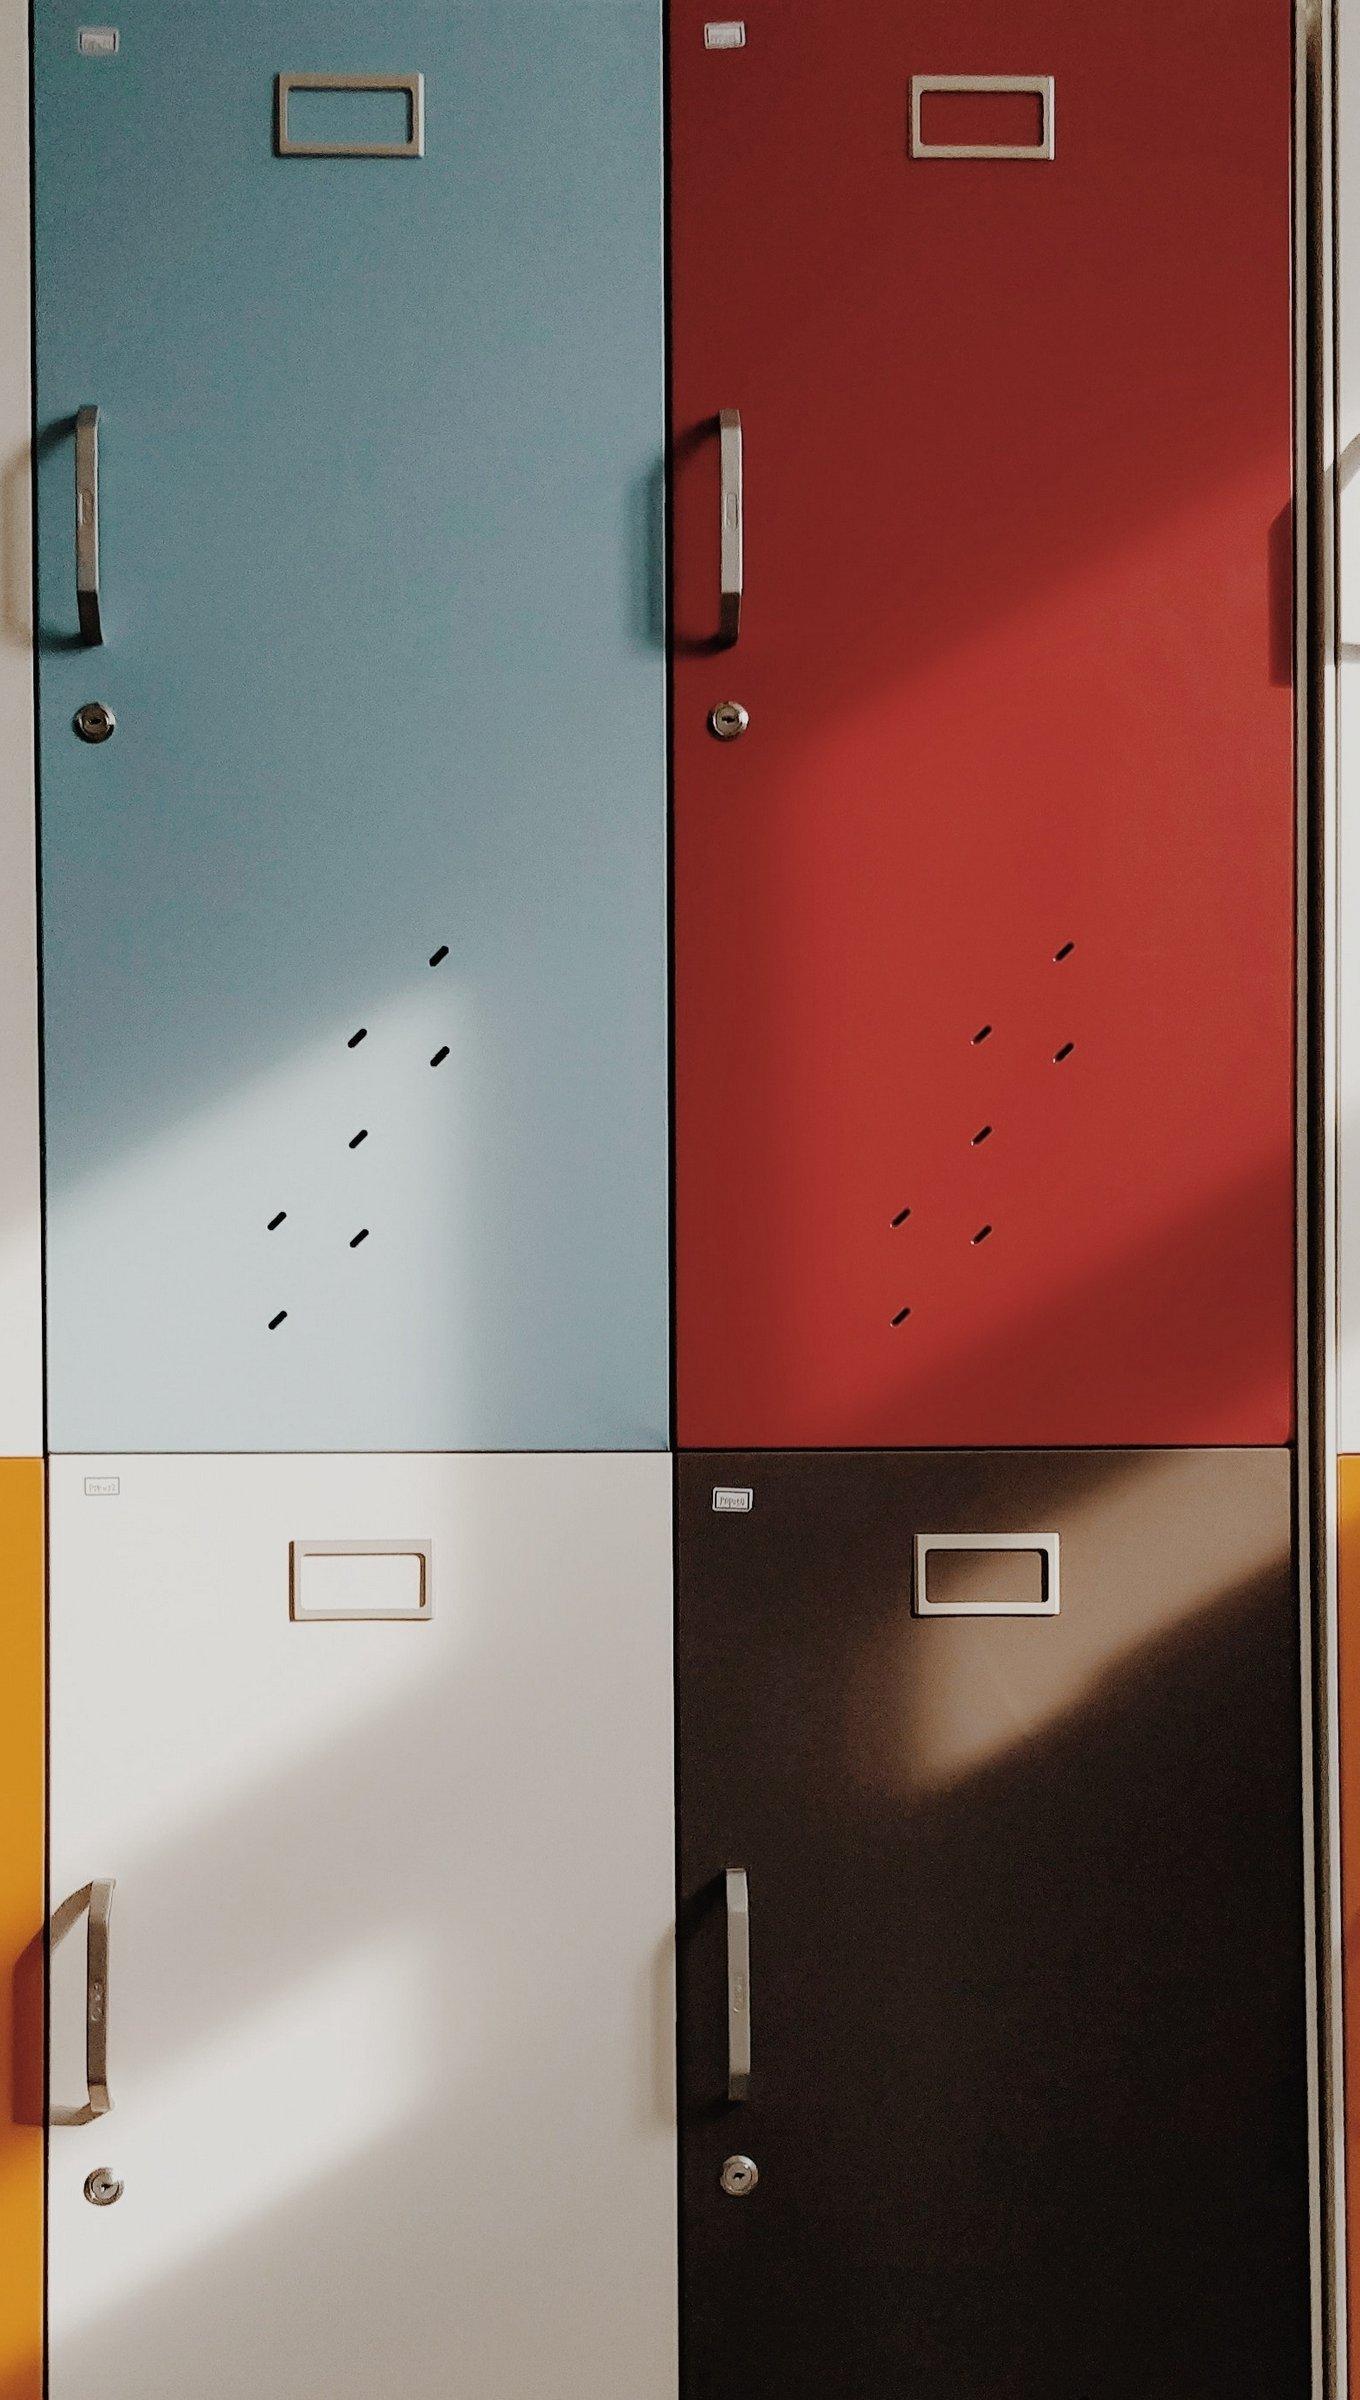 Fondos de pantalla Lockers de colores Vertical